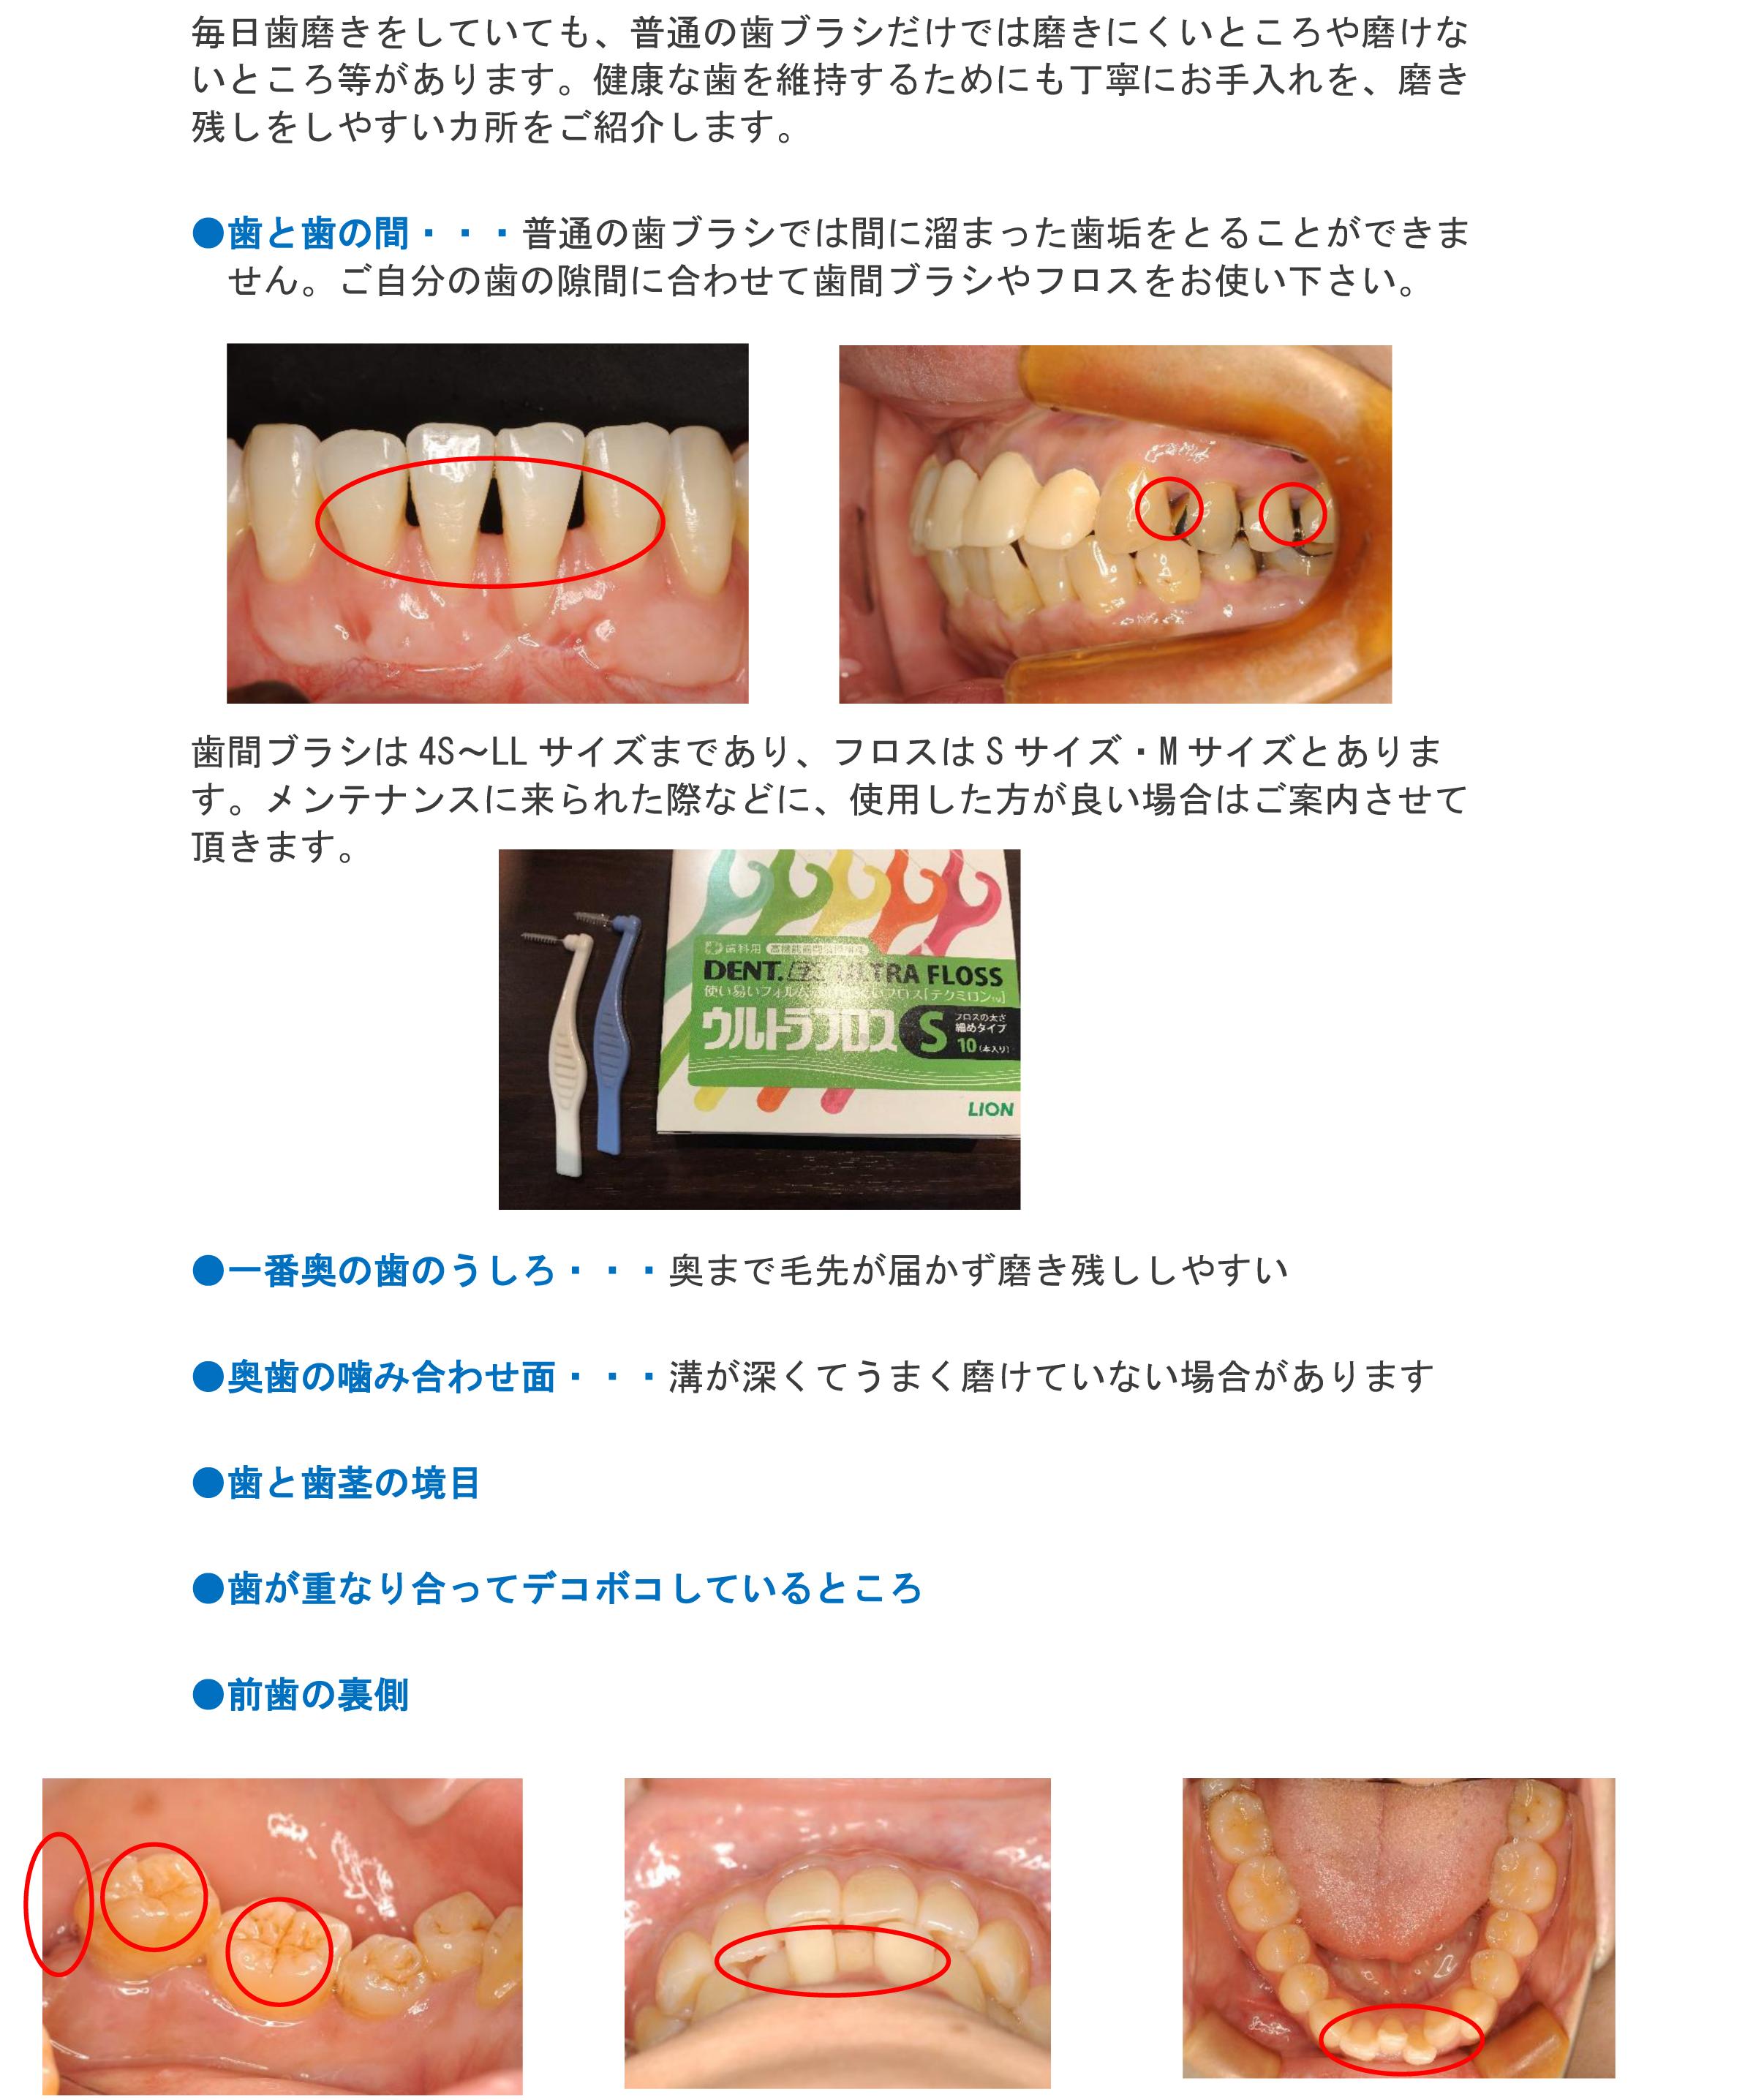 磨きにくい歯のお手入れ方法-30_edited-1